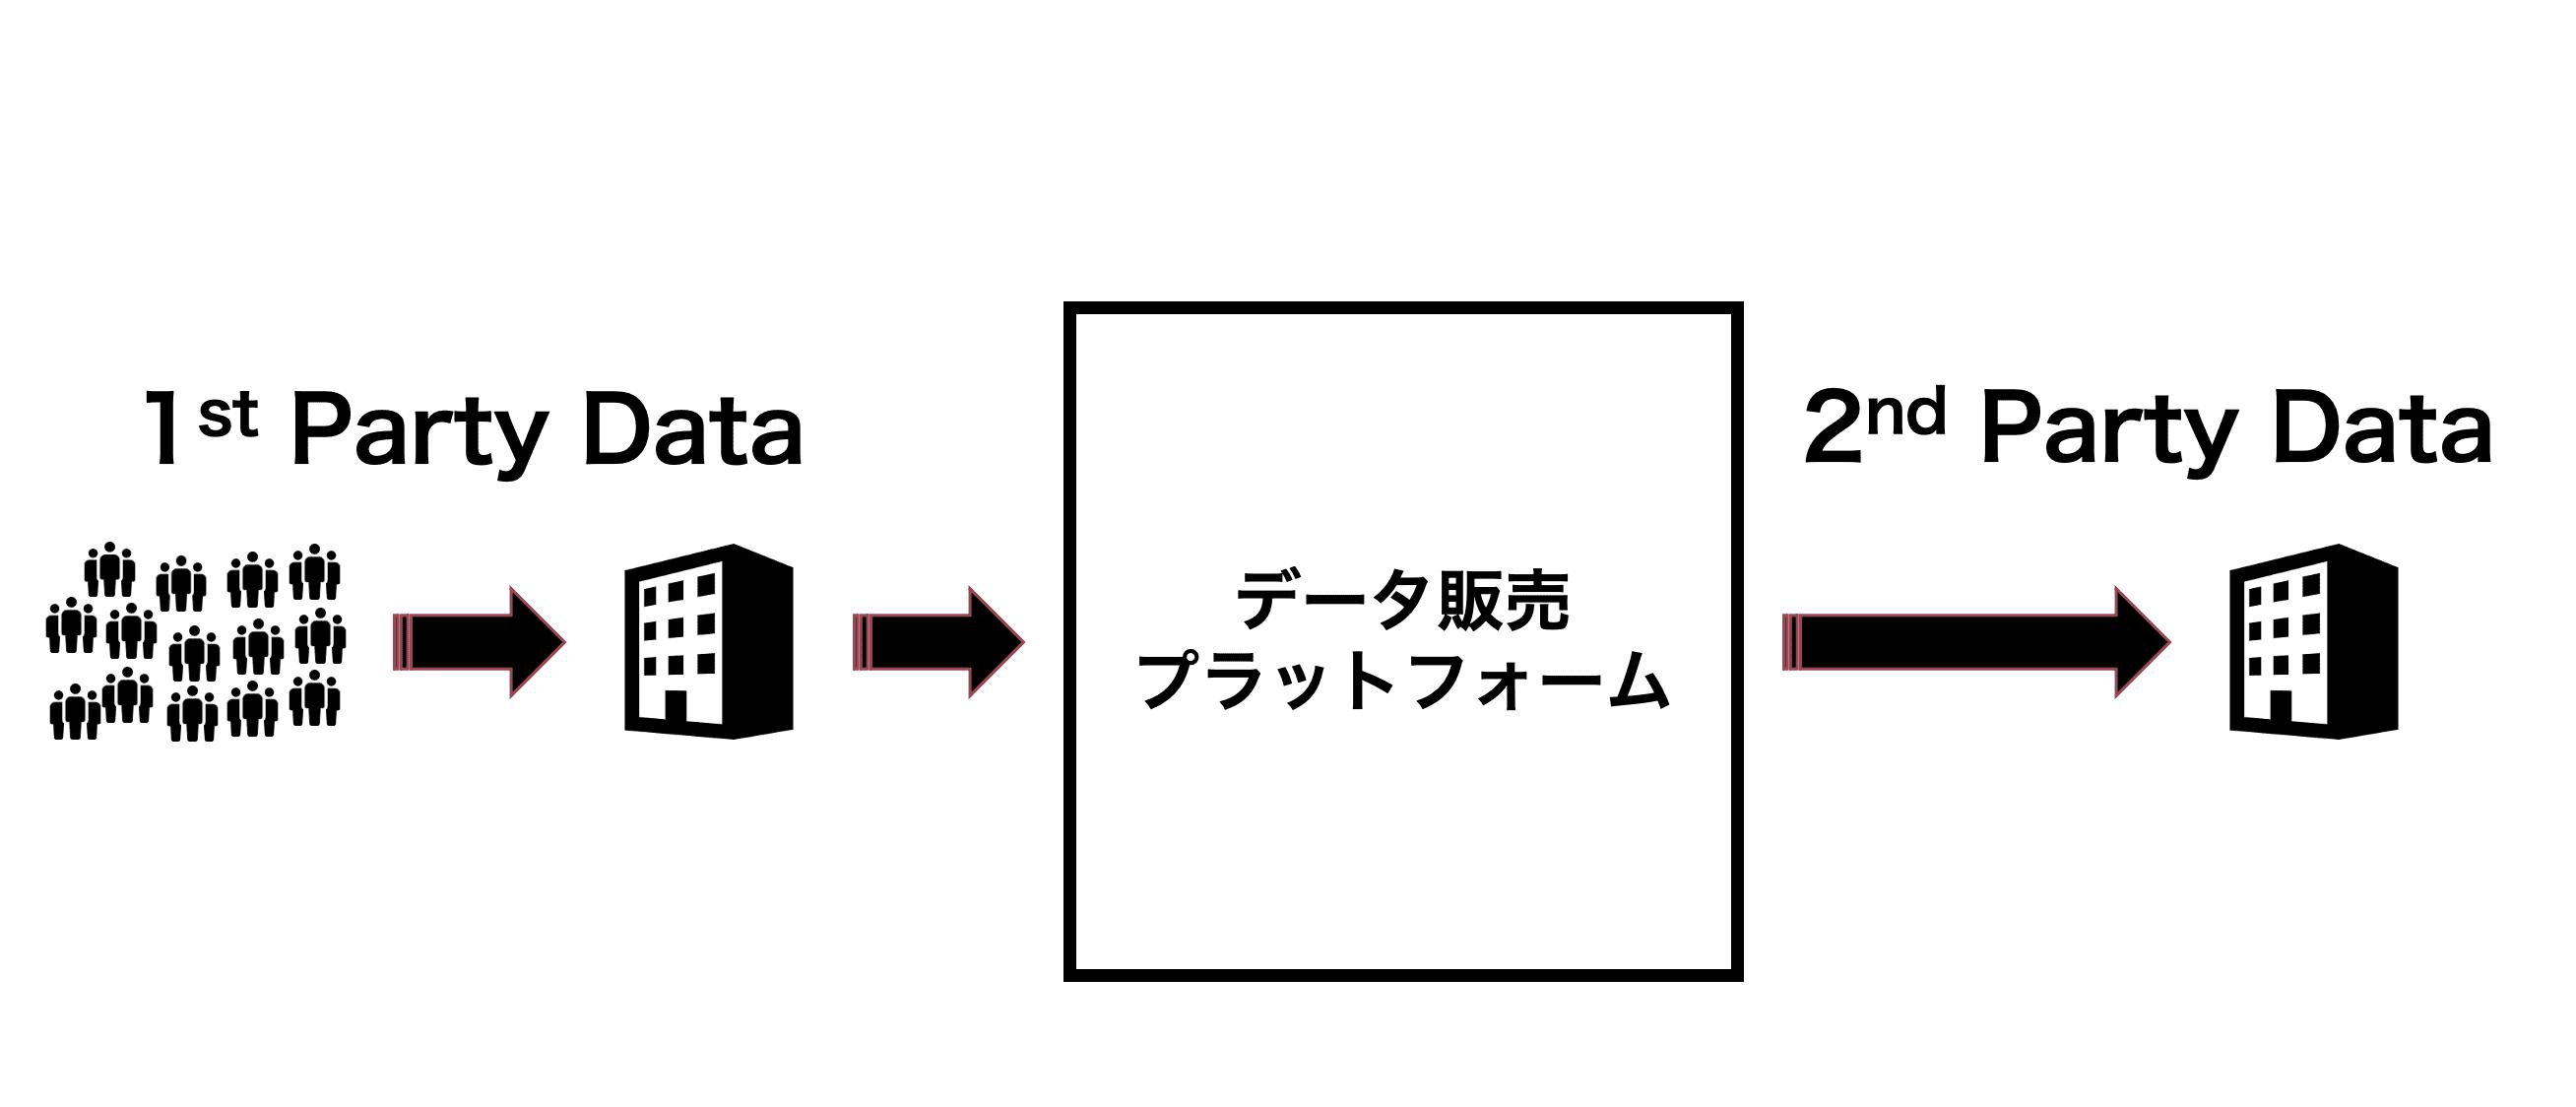 セカンドパーティデータ(2nd Party Data)